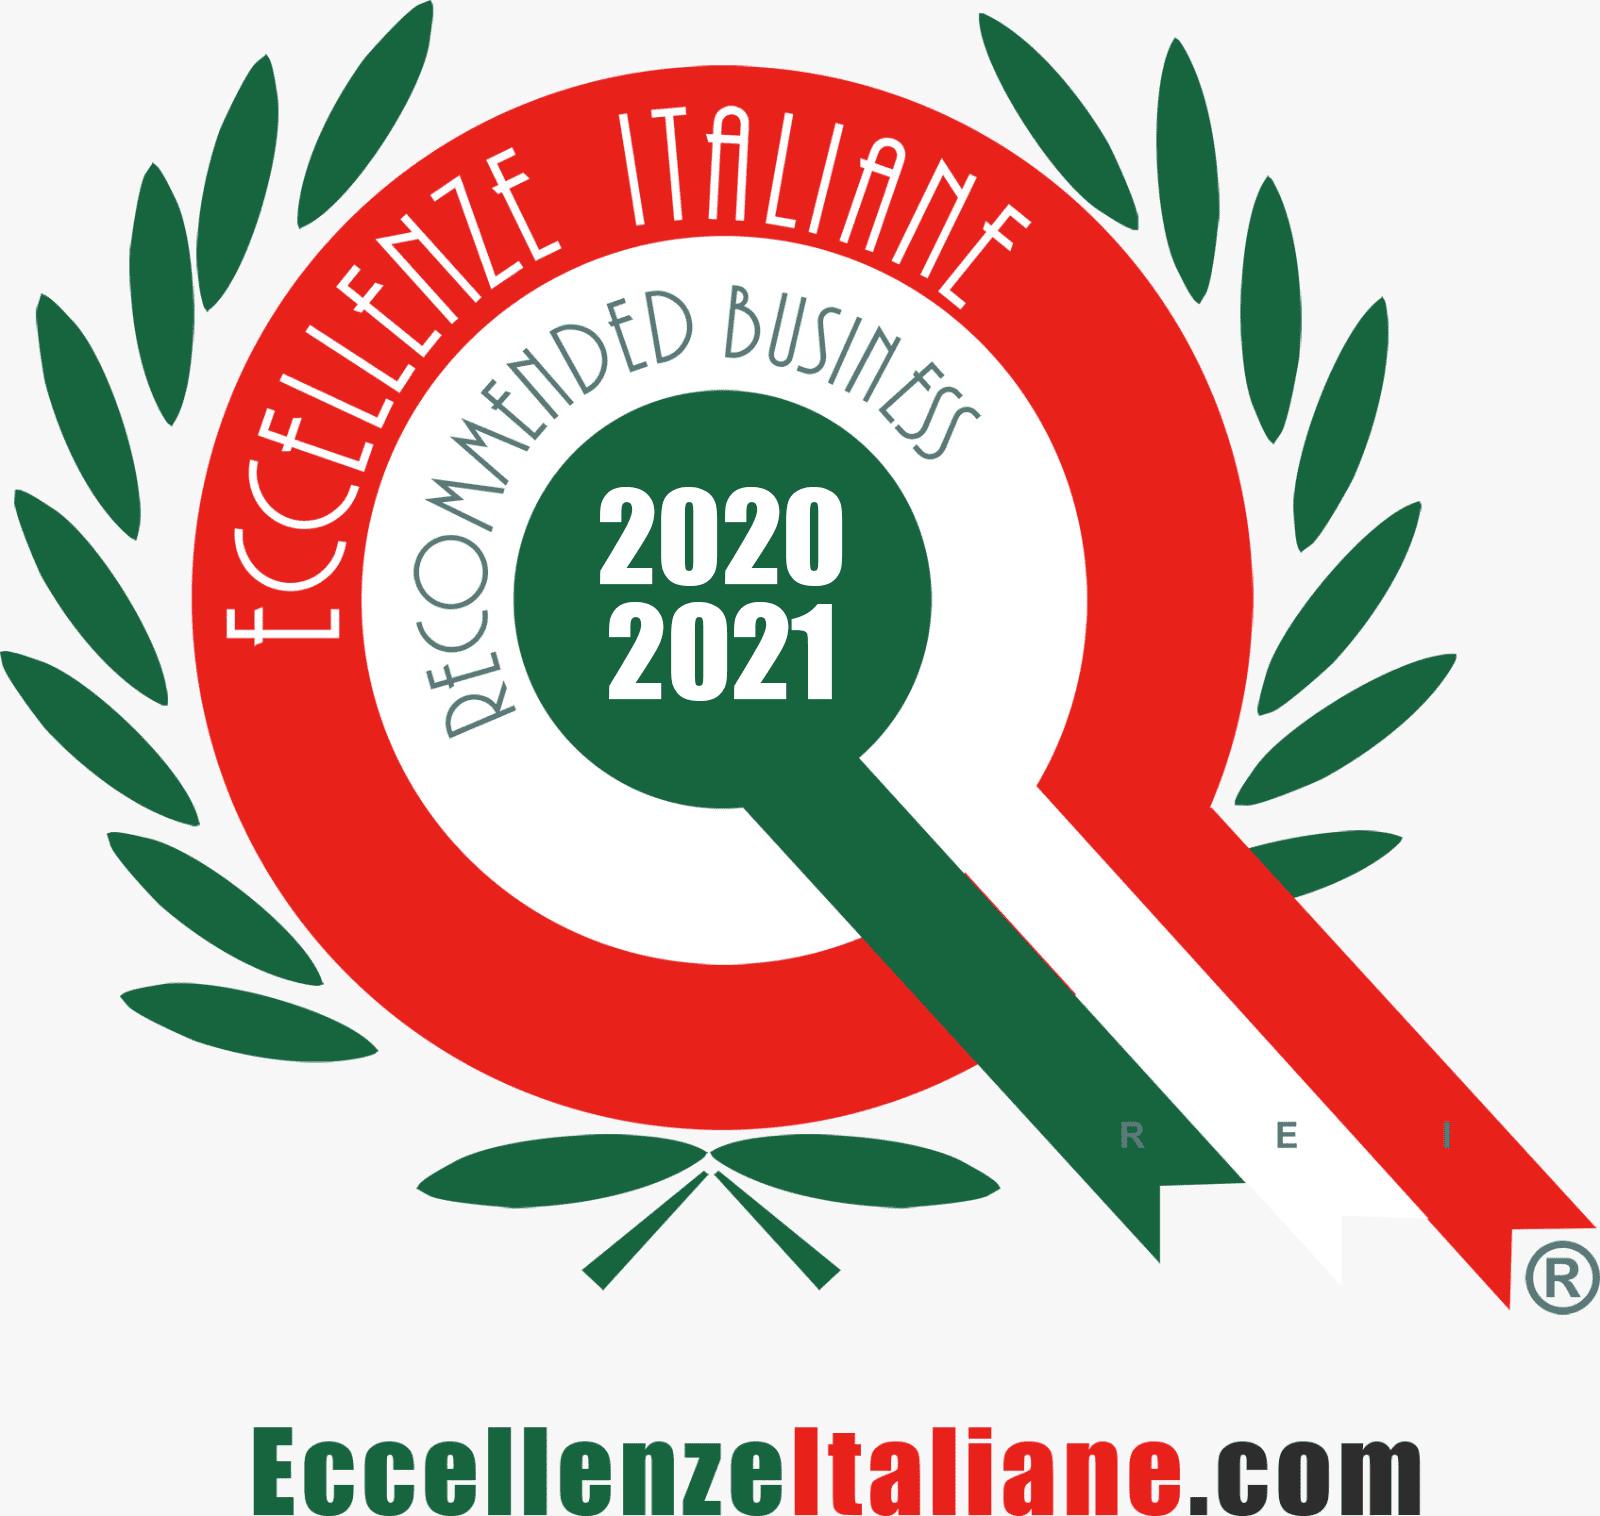 Eccellenze Italiane 2020-2021